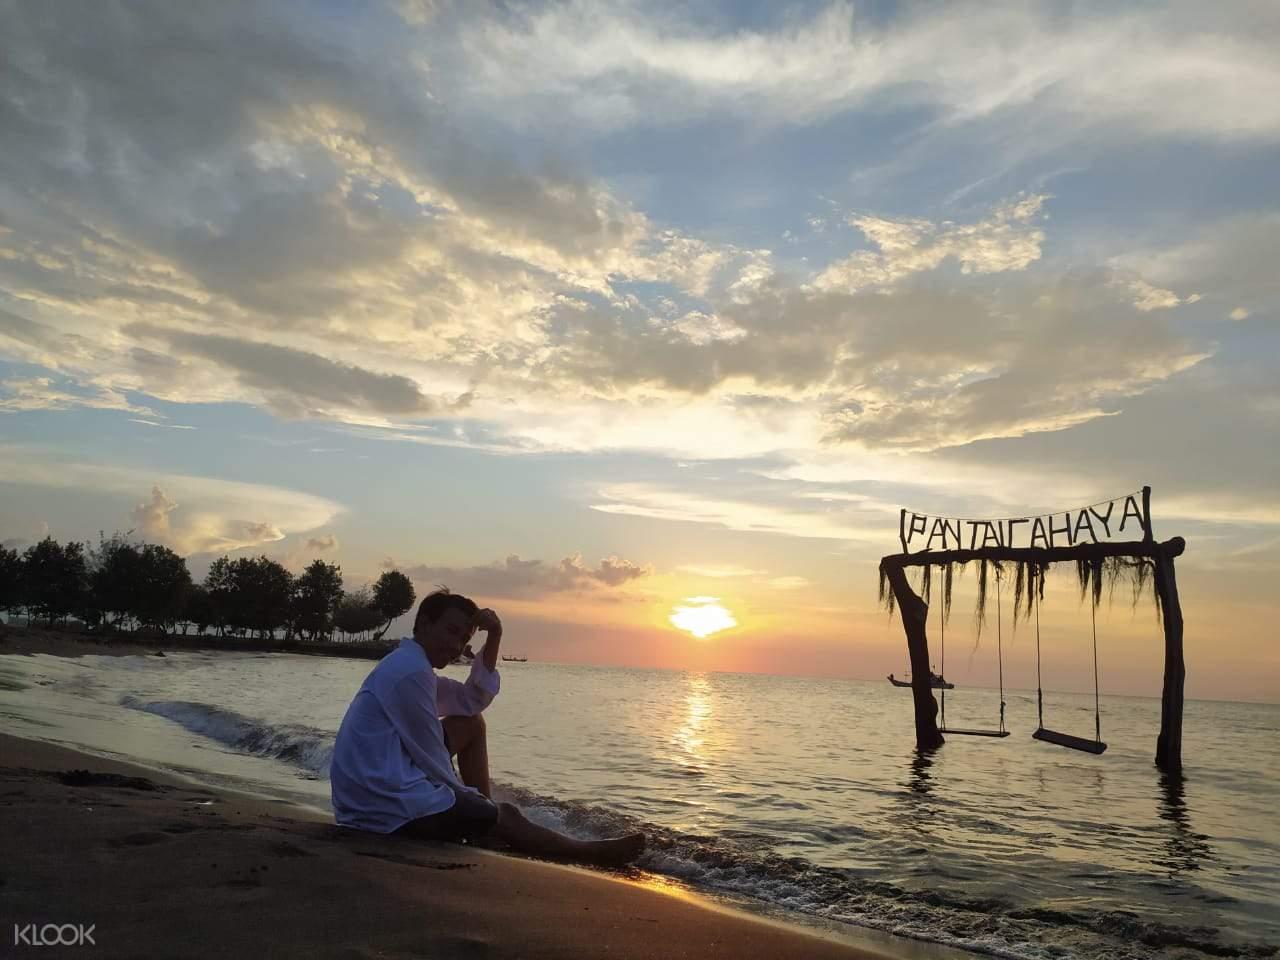 Tiket Pantai Cahaya (Cahaya Beach) di Semarang